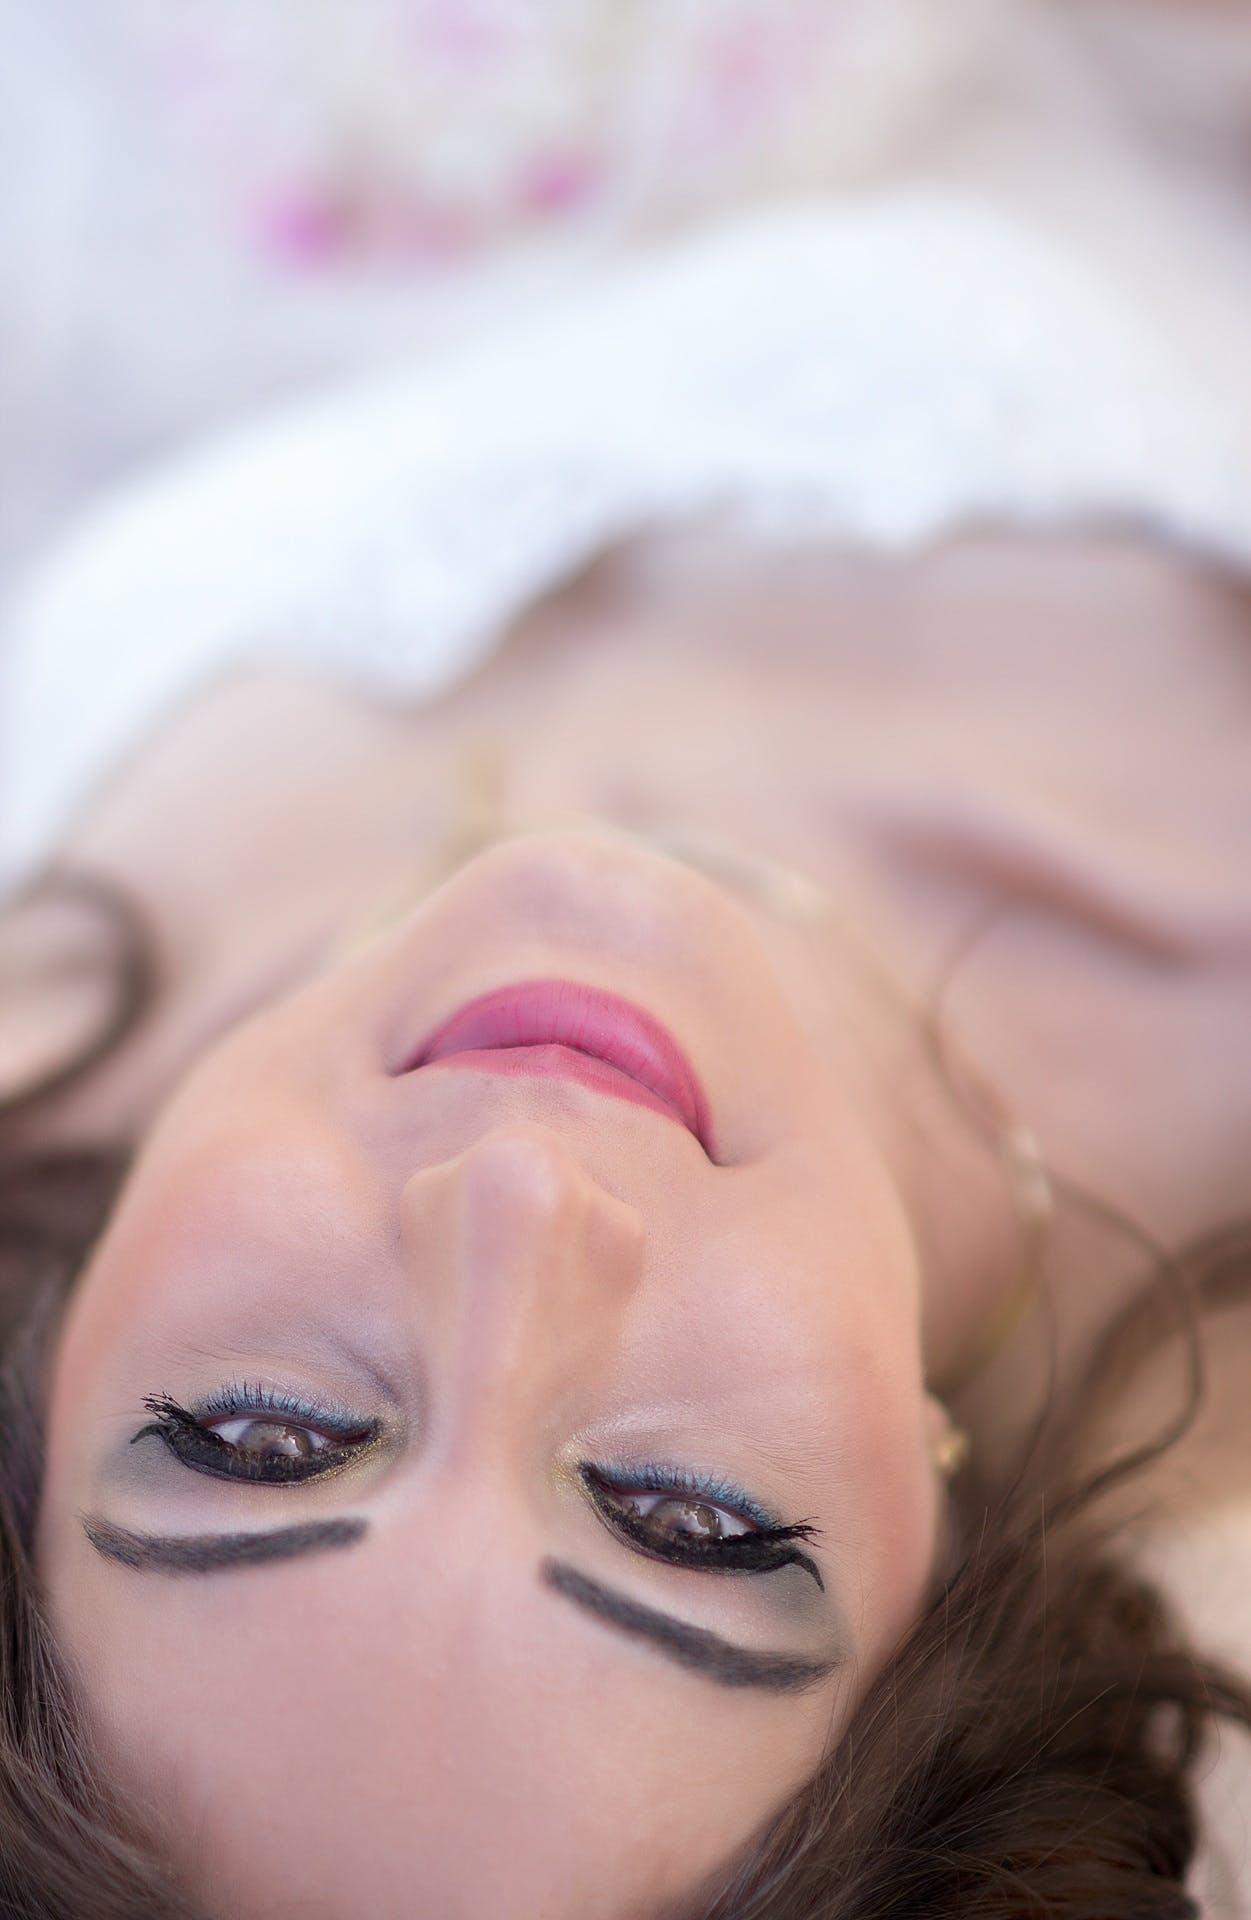 Kostenloses Stock Foto zu frau, hübsch, lächeln, person